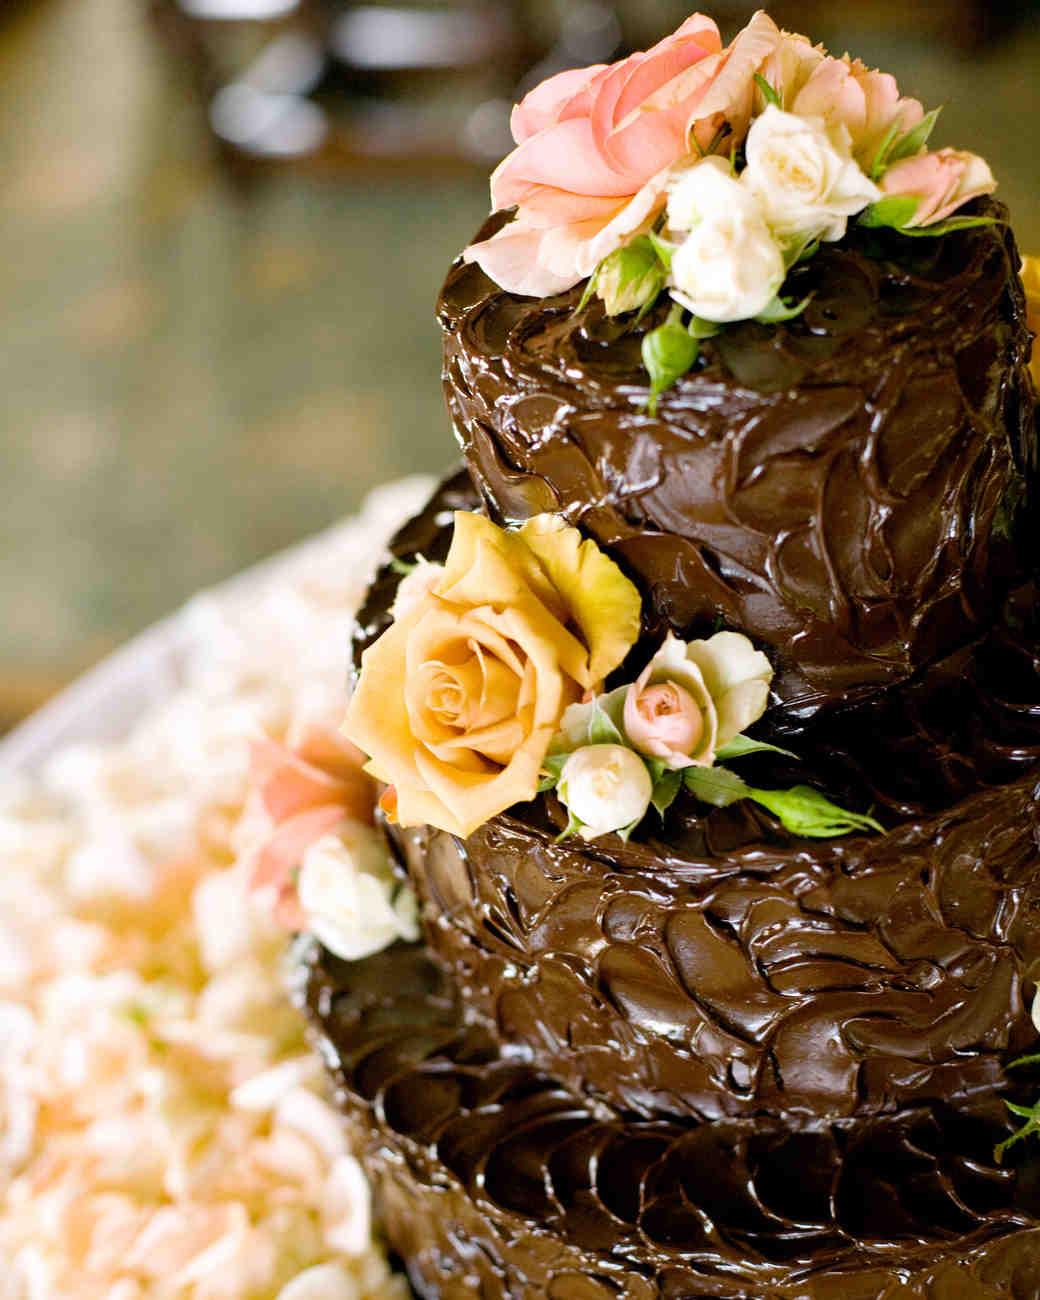 real-weddings-gairu-daniel-0611gd1585.jpg